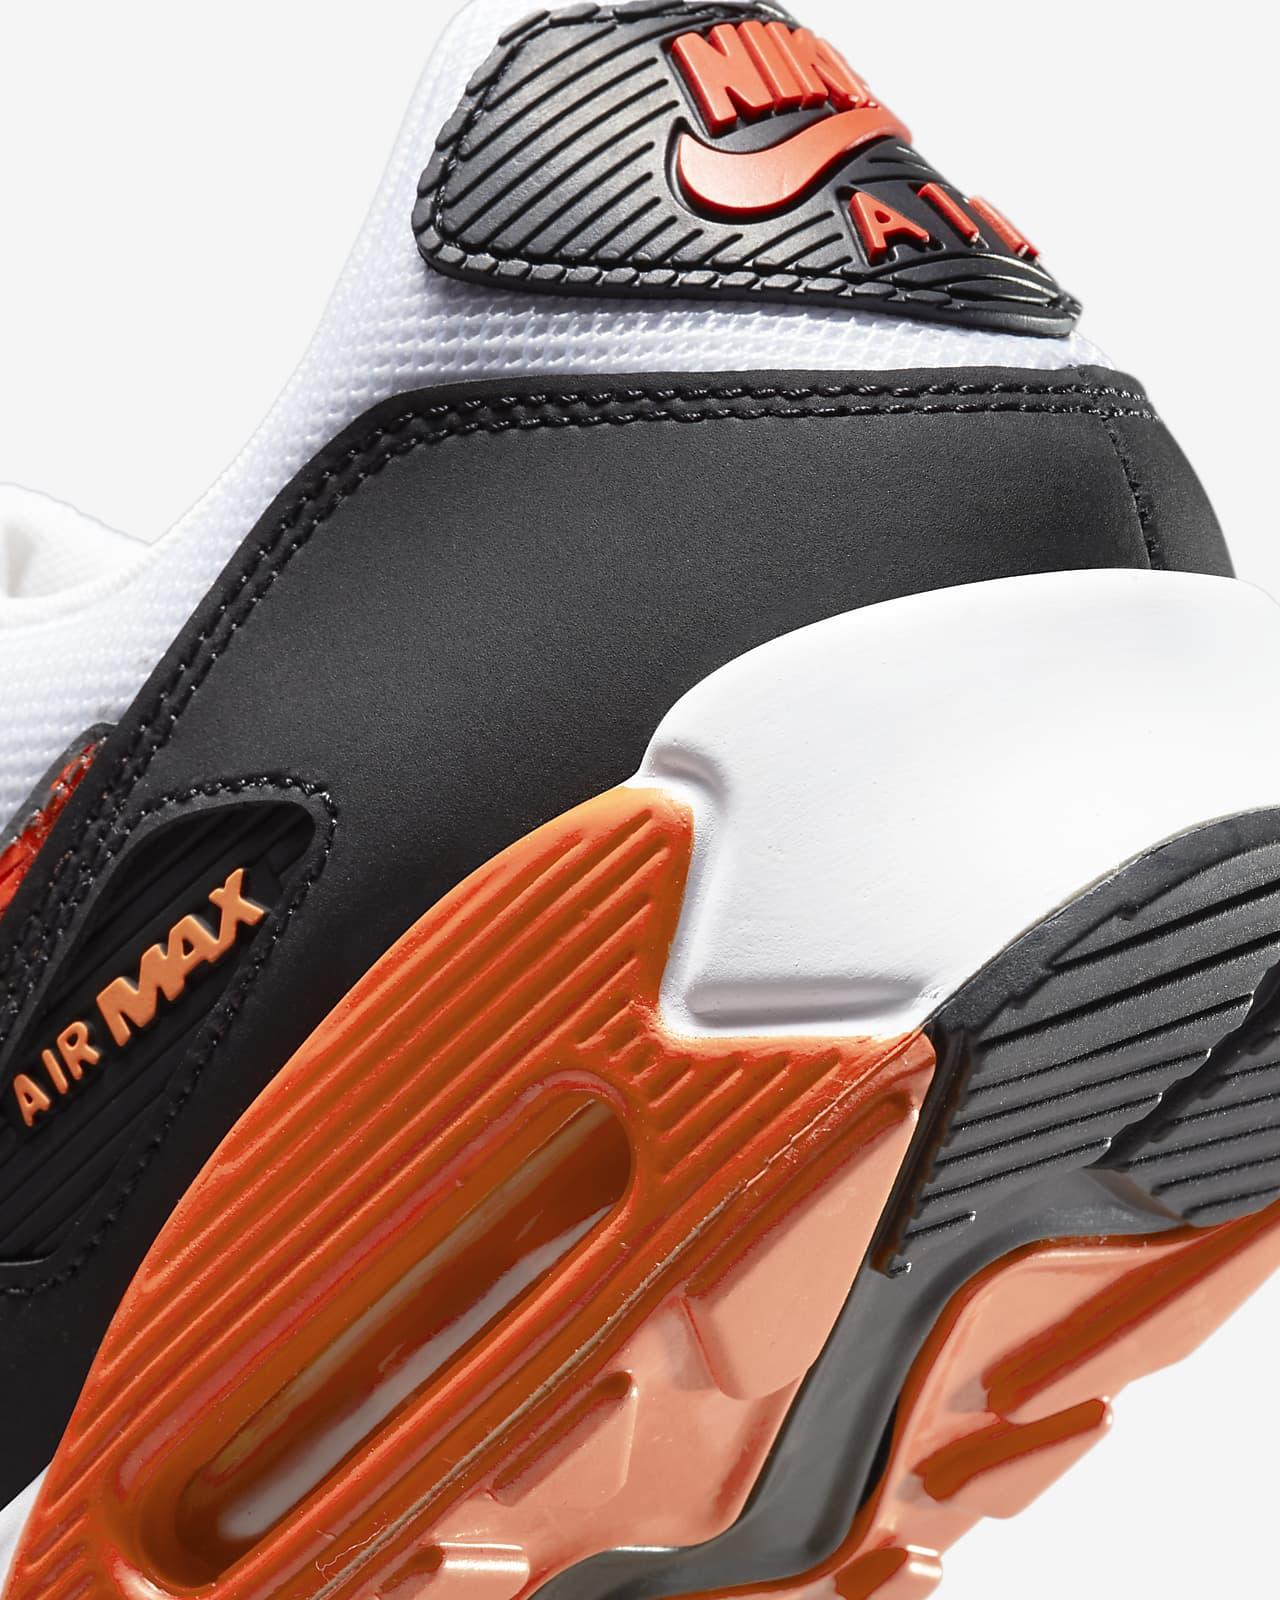 air max 90 uomo nere e arancio